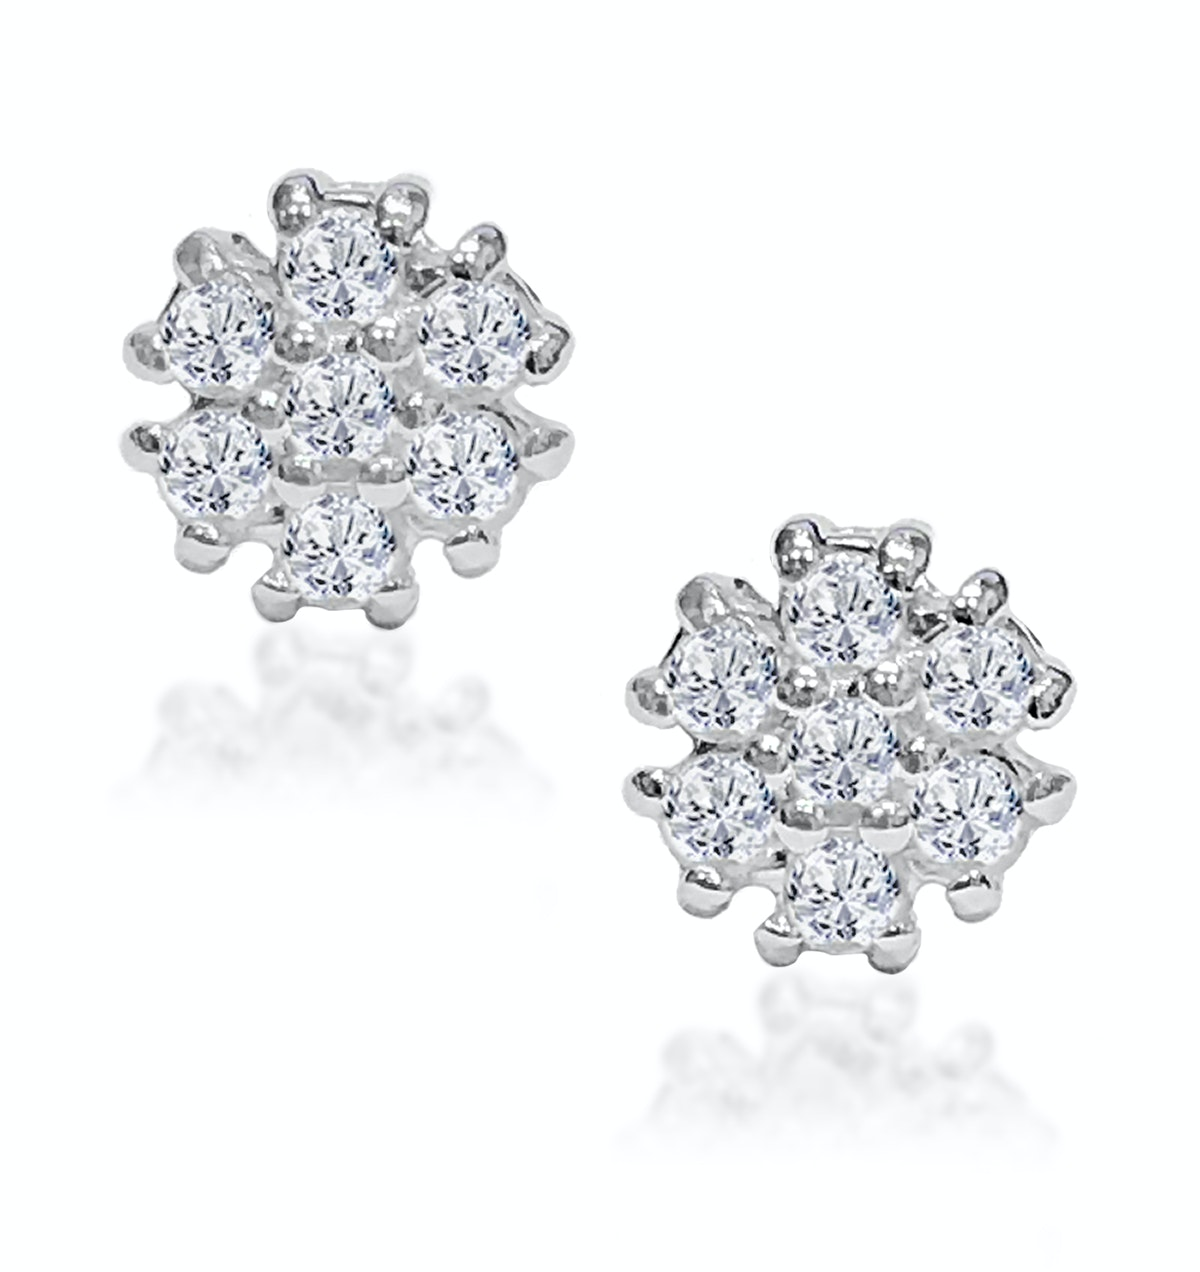 Tesoro Flower White Topaz Cluster Earrings